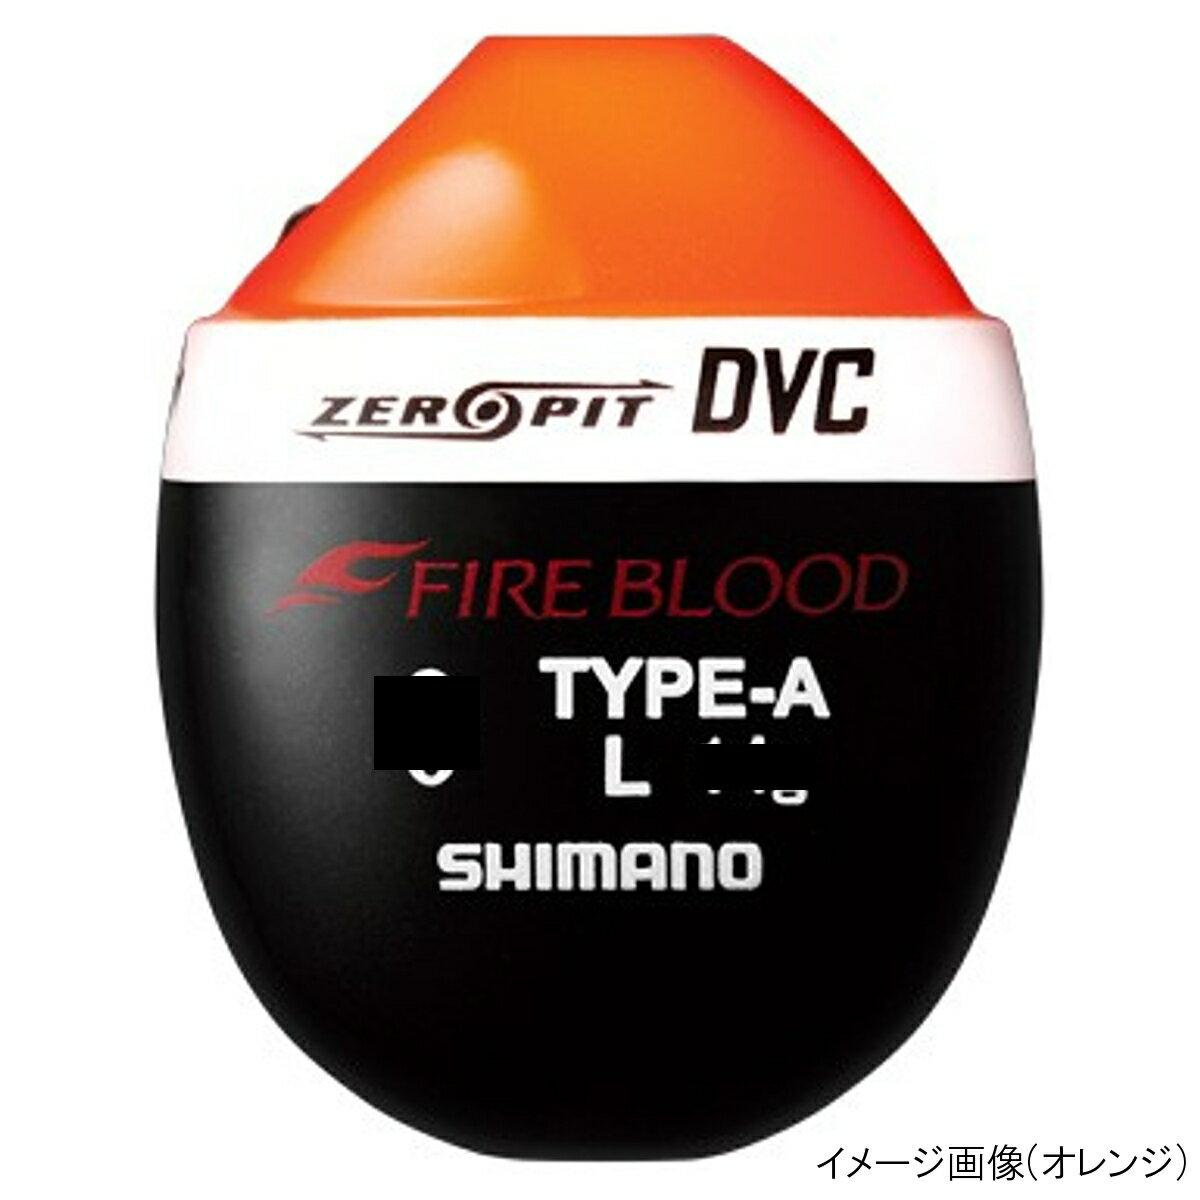 シマノ ファイアブラッド ゼロピット DVC TYPE-A FL-112P L 0 オレンジ【ゆうパケット】